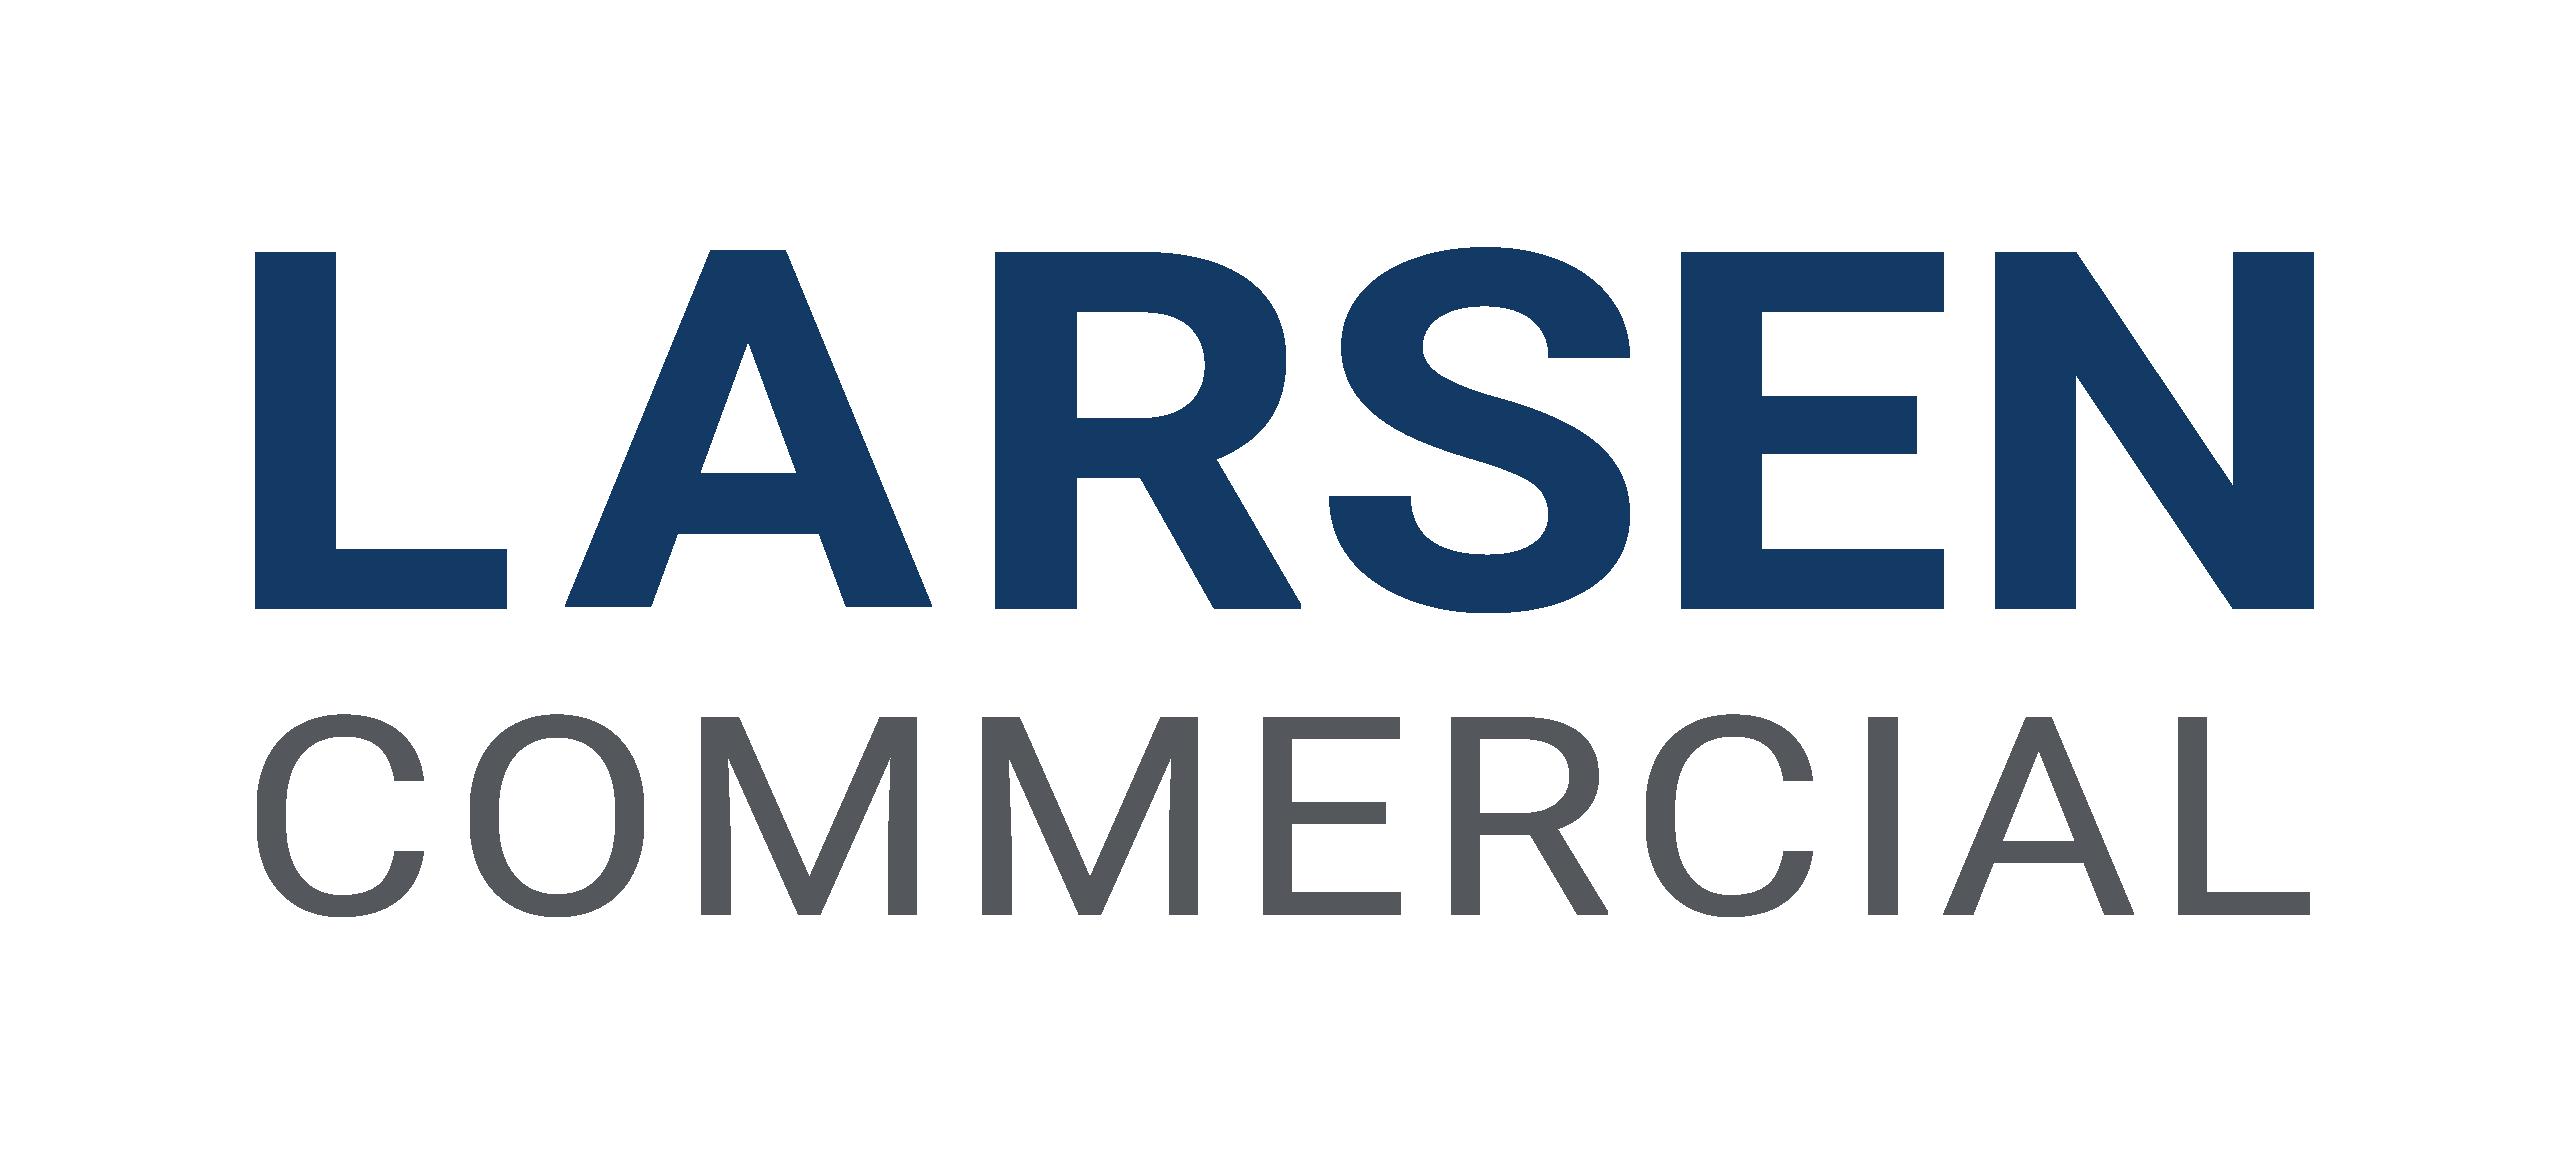 larsen-commercial-logo